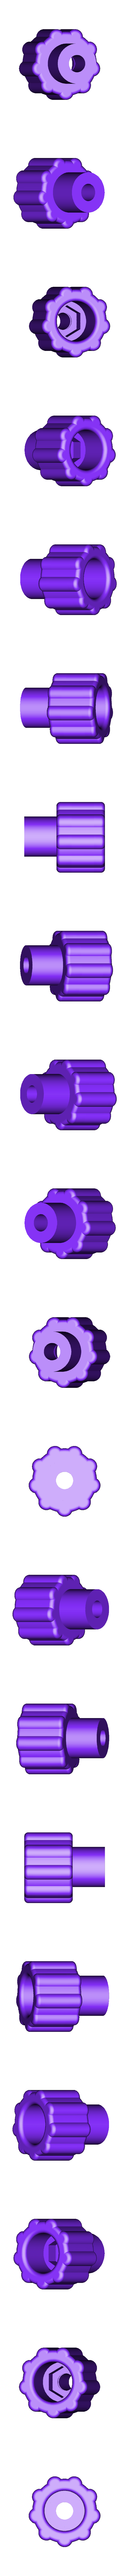 Thumb_Nut_M4.stl Download free STL file iPad Tripod Support for TikTok Kids • 3D printable template, michelj